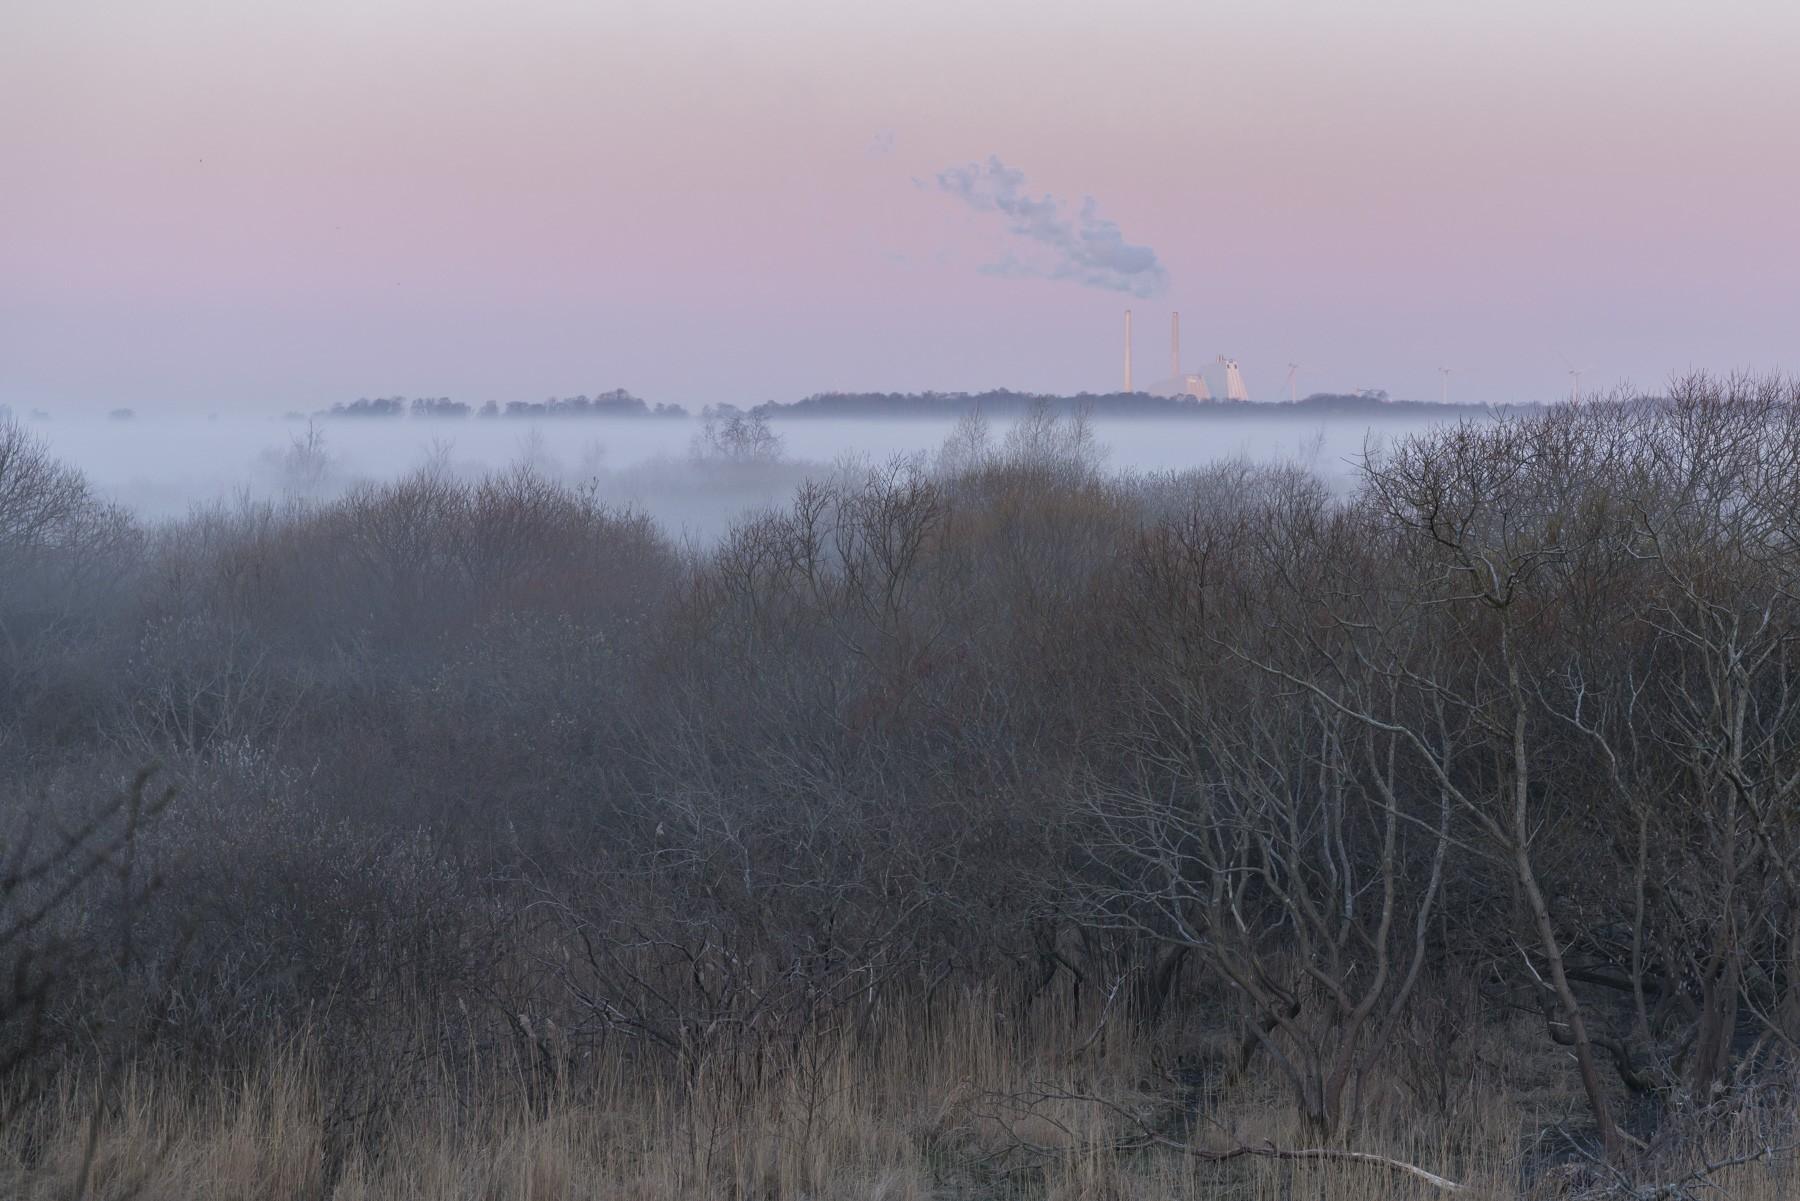 Avedøreværket og Naturpark Amager i tåget farveeksplosion